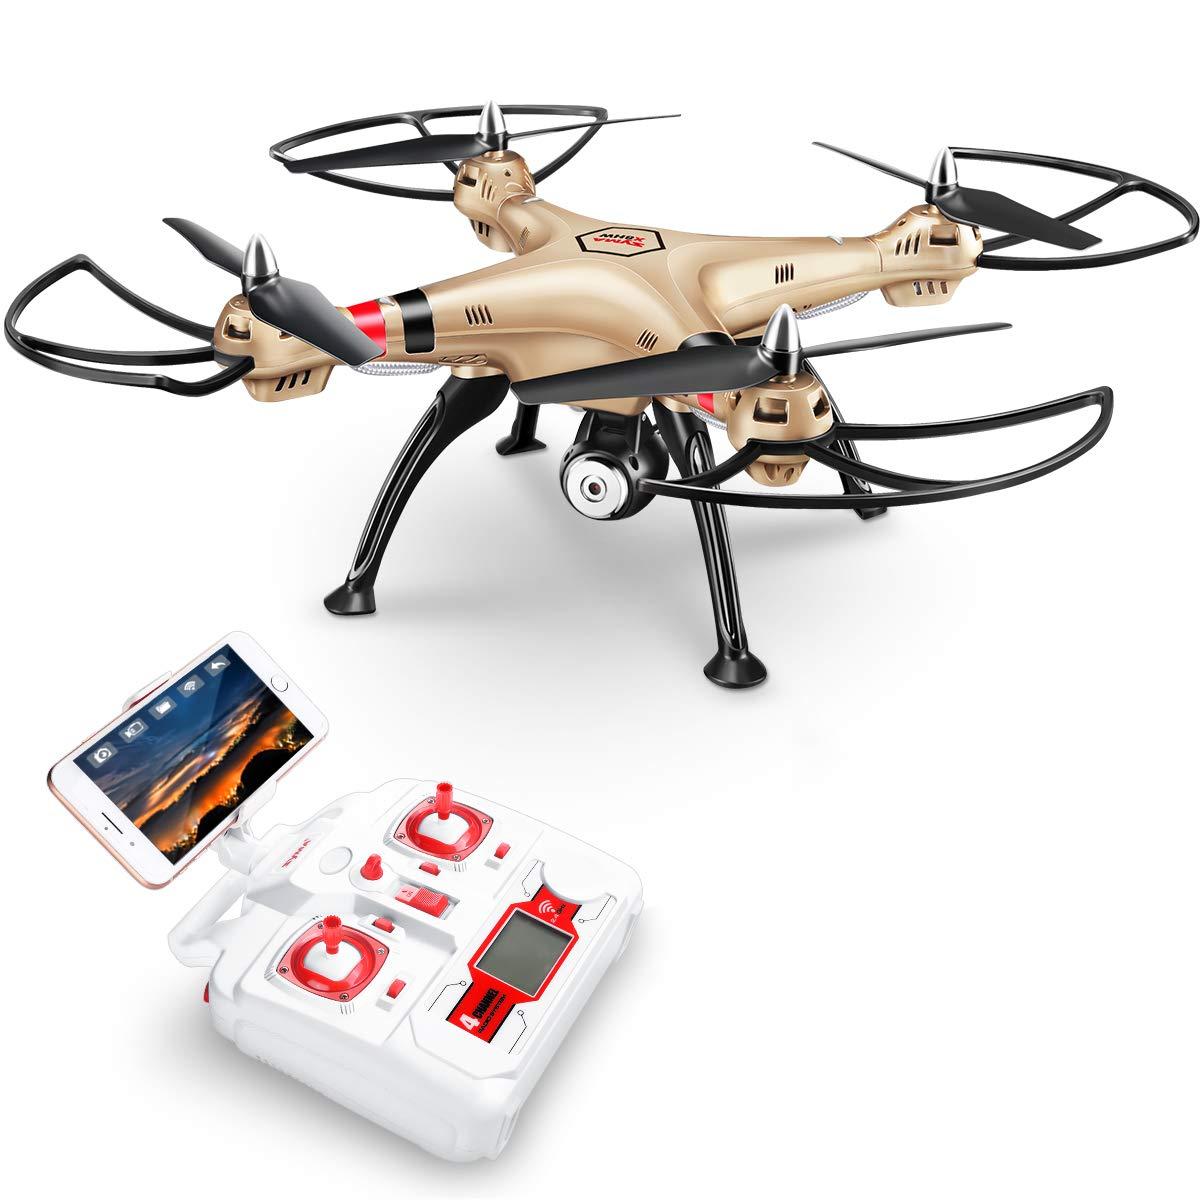 Syma X8HW Nuevo producto 2,4 6-Axis Gyro FPV con la cámara de HD RC Quadcopter Drone incluye una función efectiva de mantenimiento de altitud para volar muy fácil para los principiantes (Color: Oro)